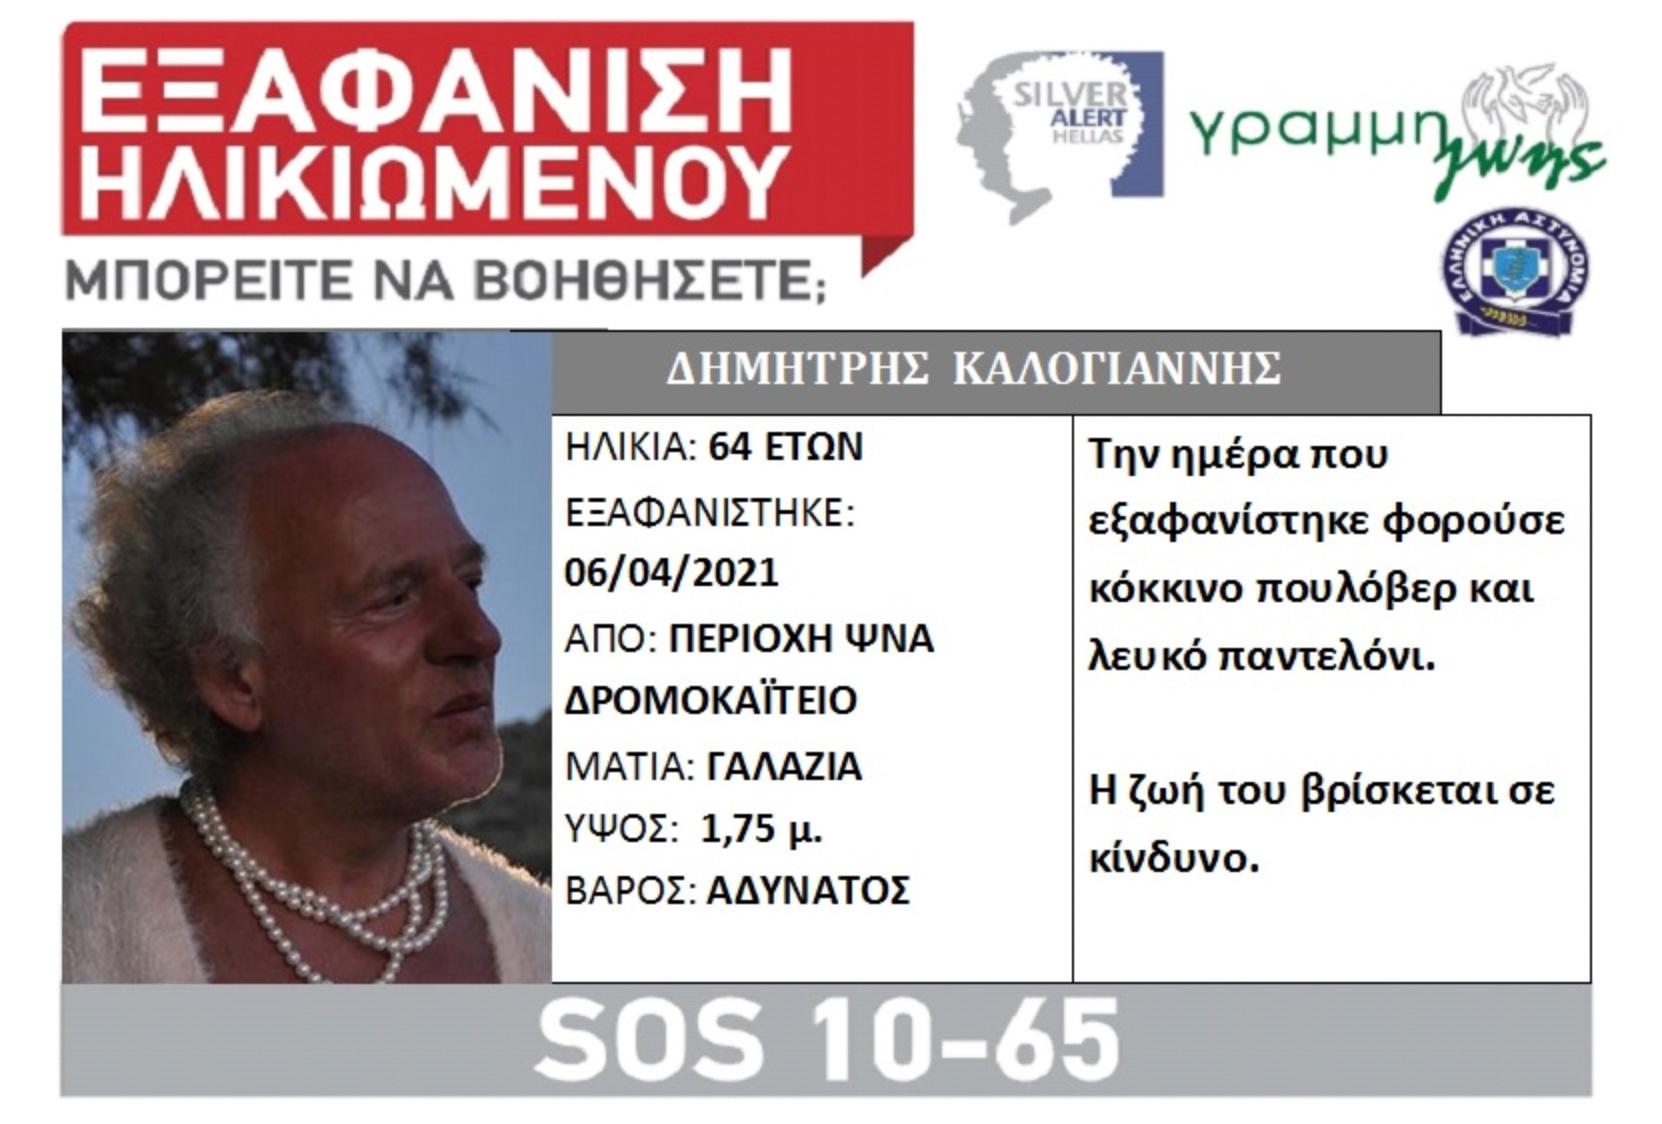 Εξαφανίστηκε ο Δημήτρης από τη Λέσβο – Ποιος είναι ο άνδρας που ένιωθε γυναίκα